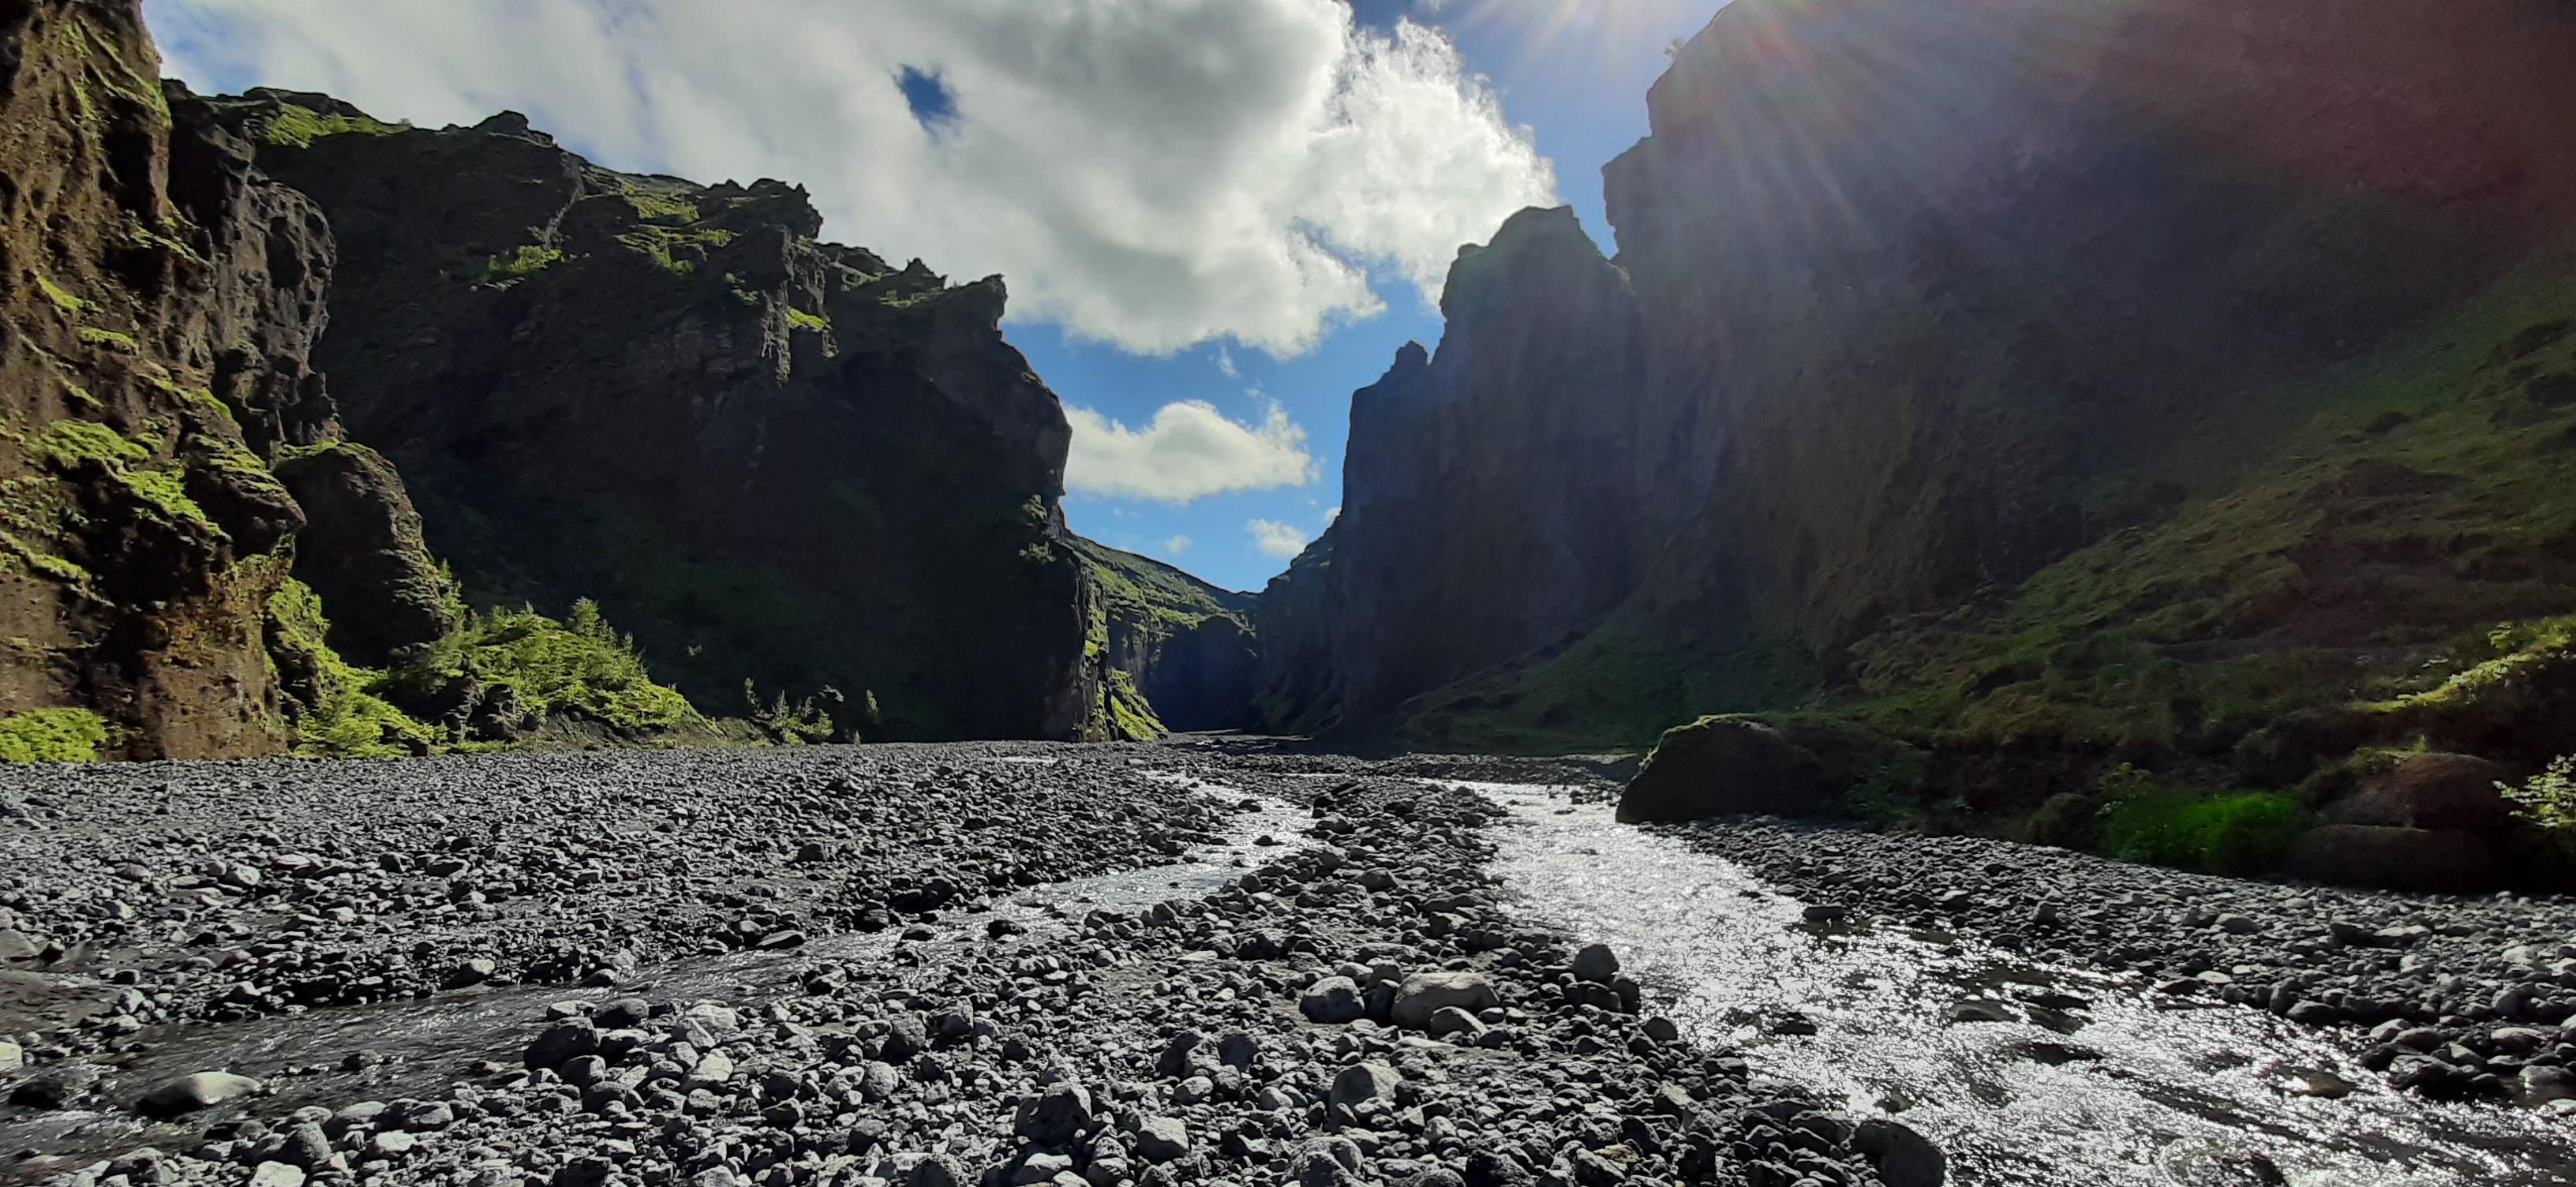 Stakkholtsgja canyon, Thorsmork